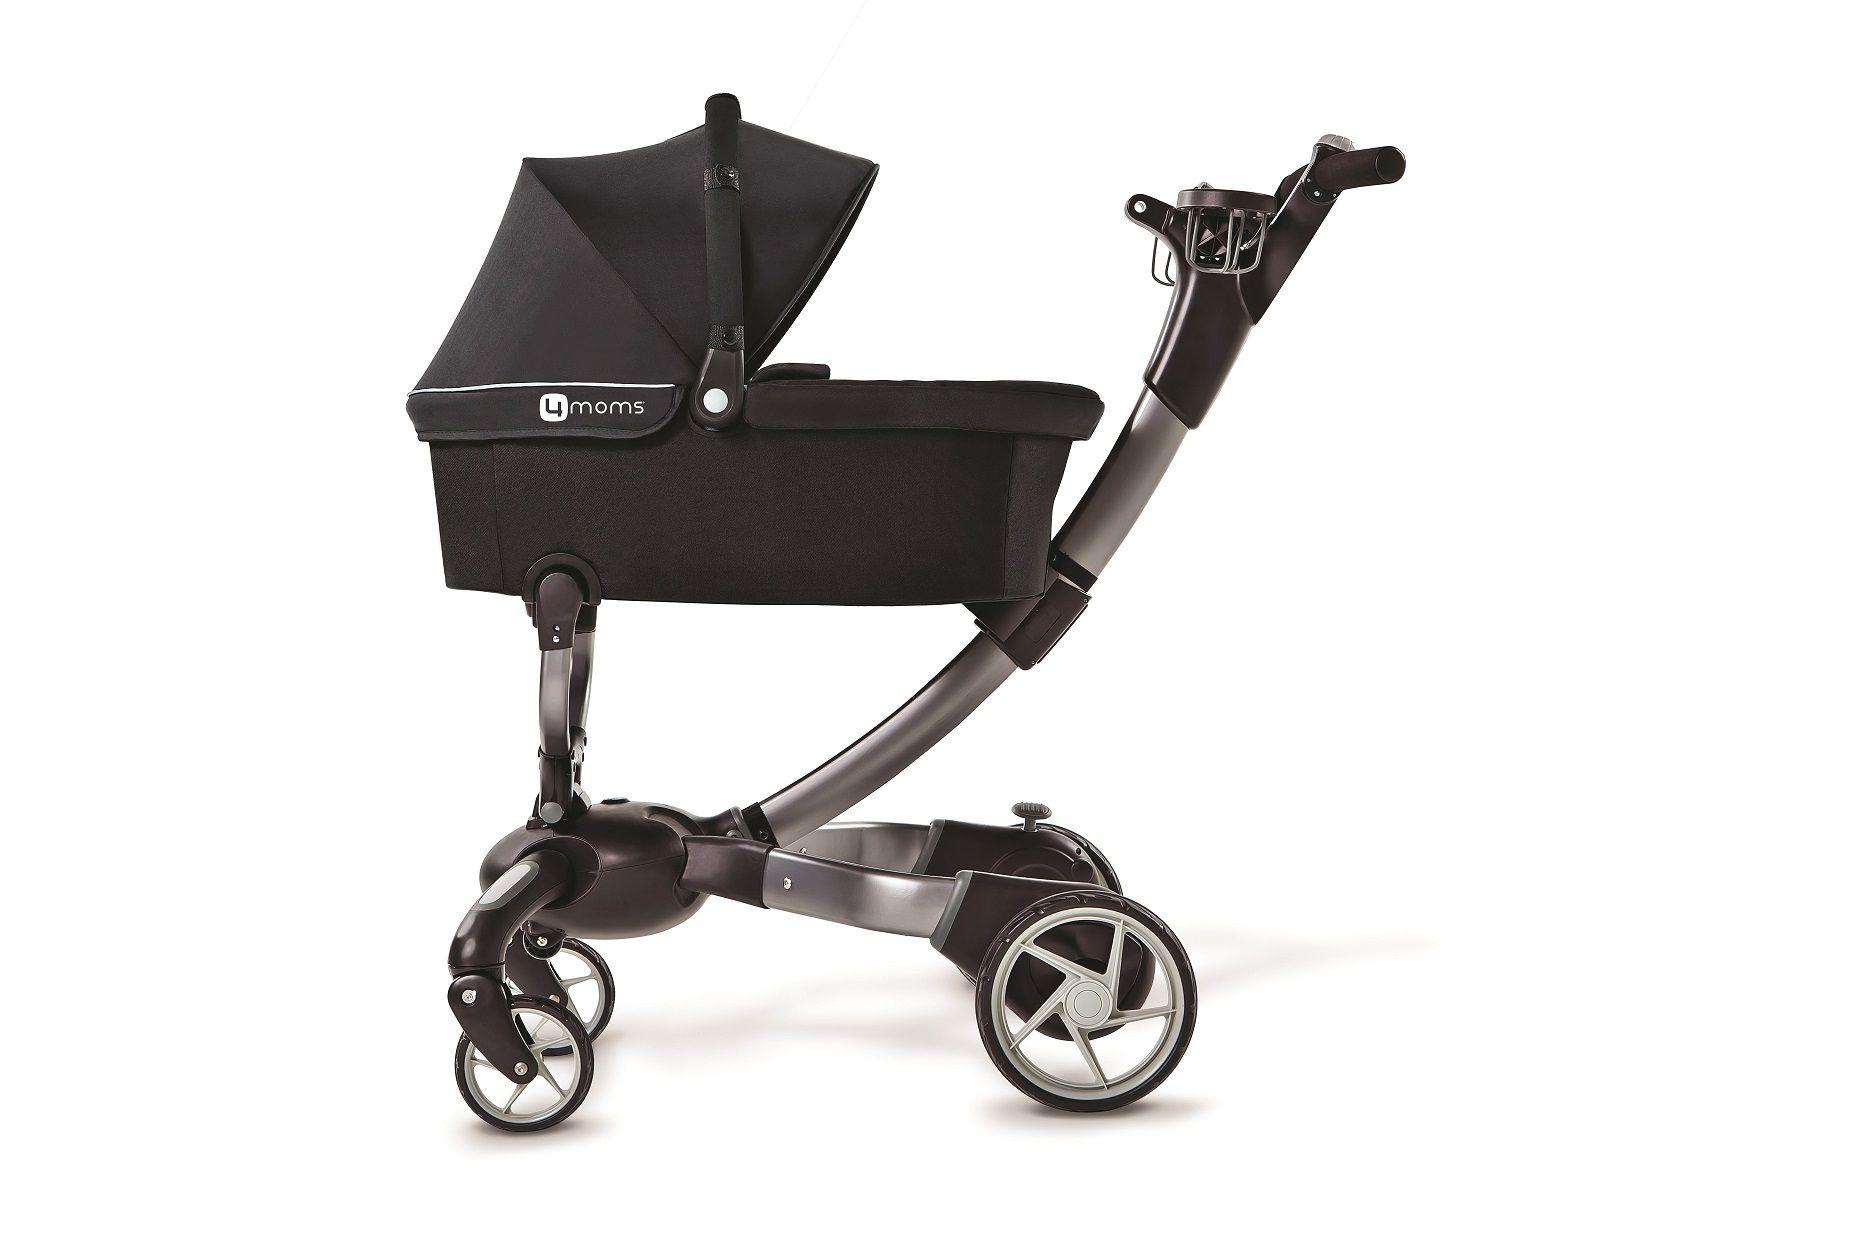 Коляски звезд. самые модные и дорогие детские коляски 2017   | материнство - беременность, роды, питание, воспитание